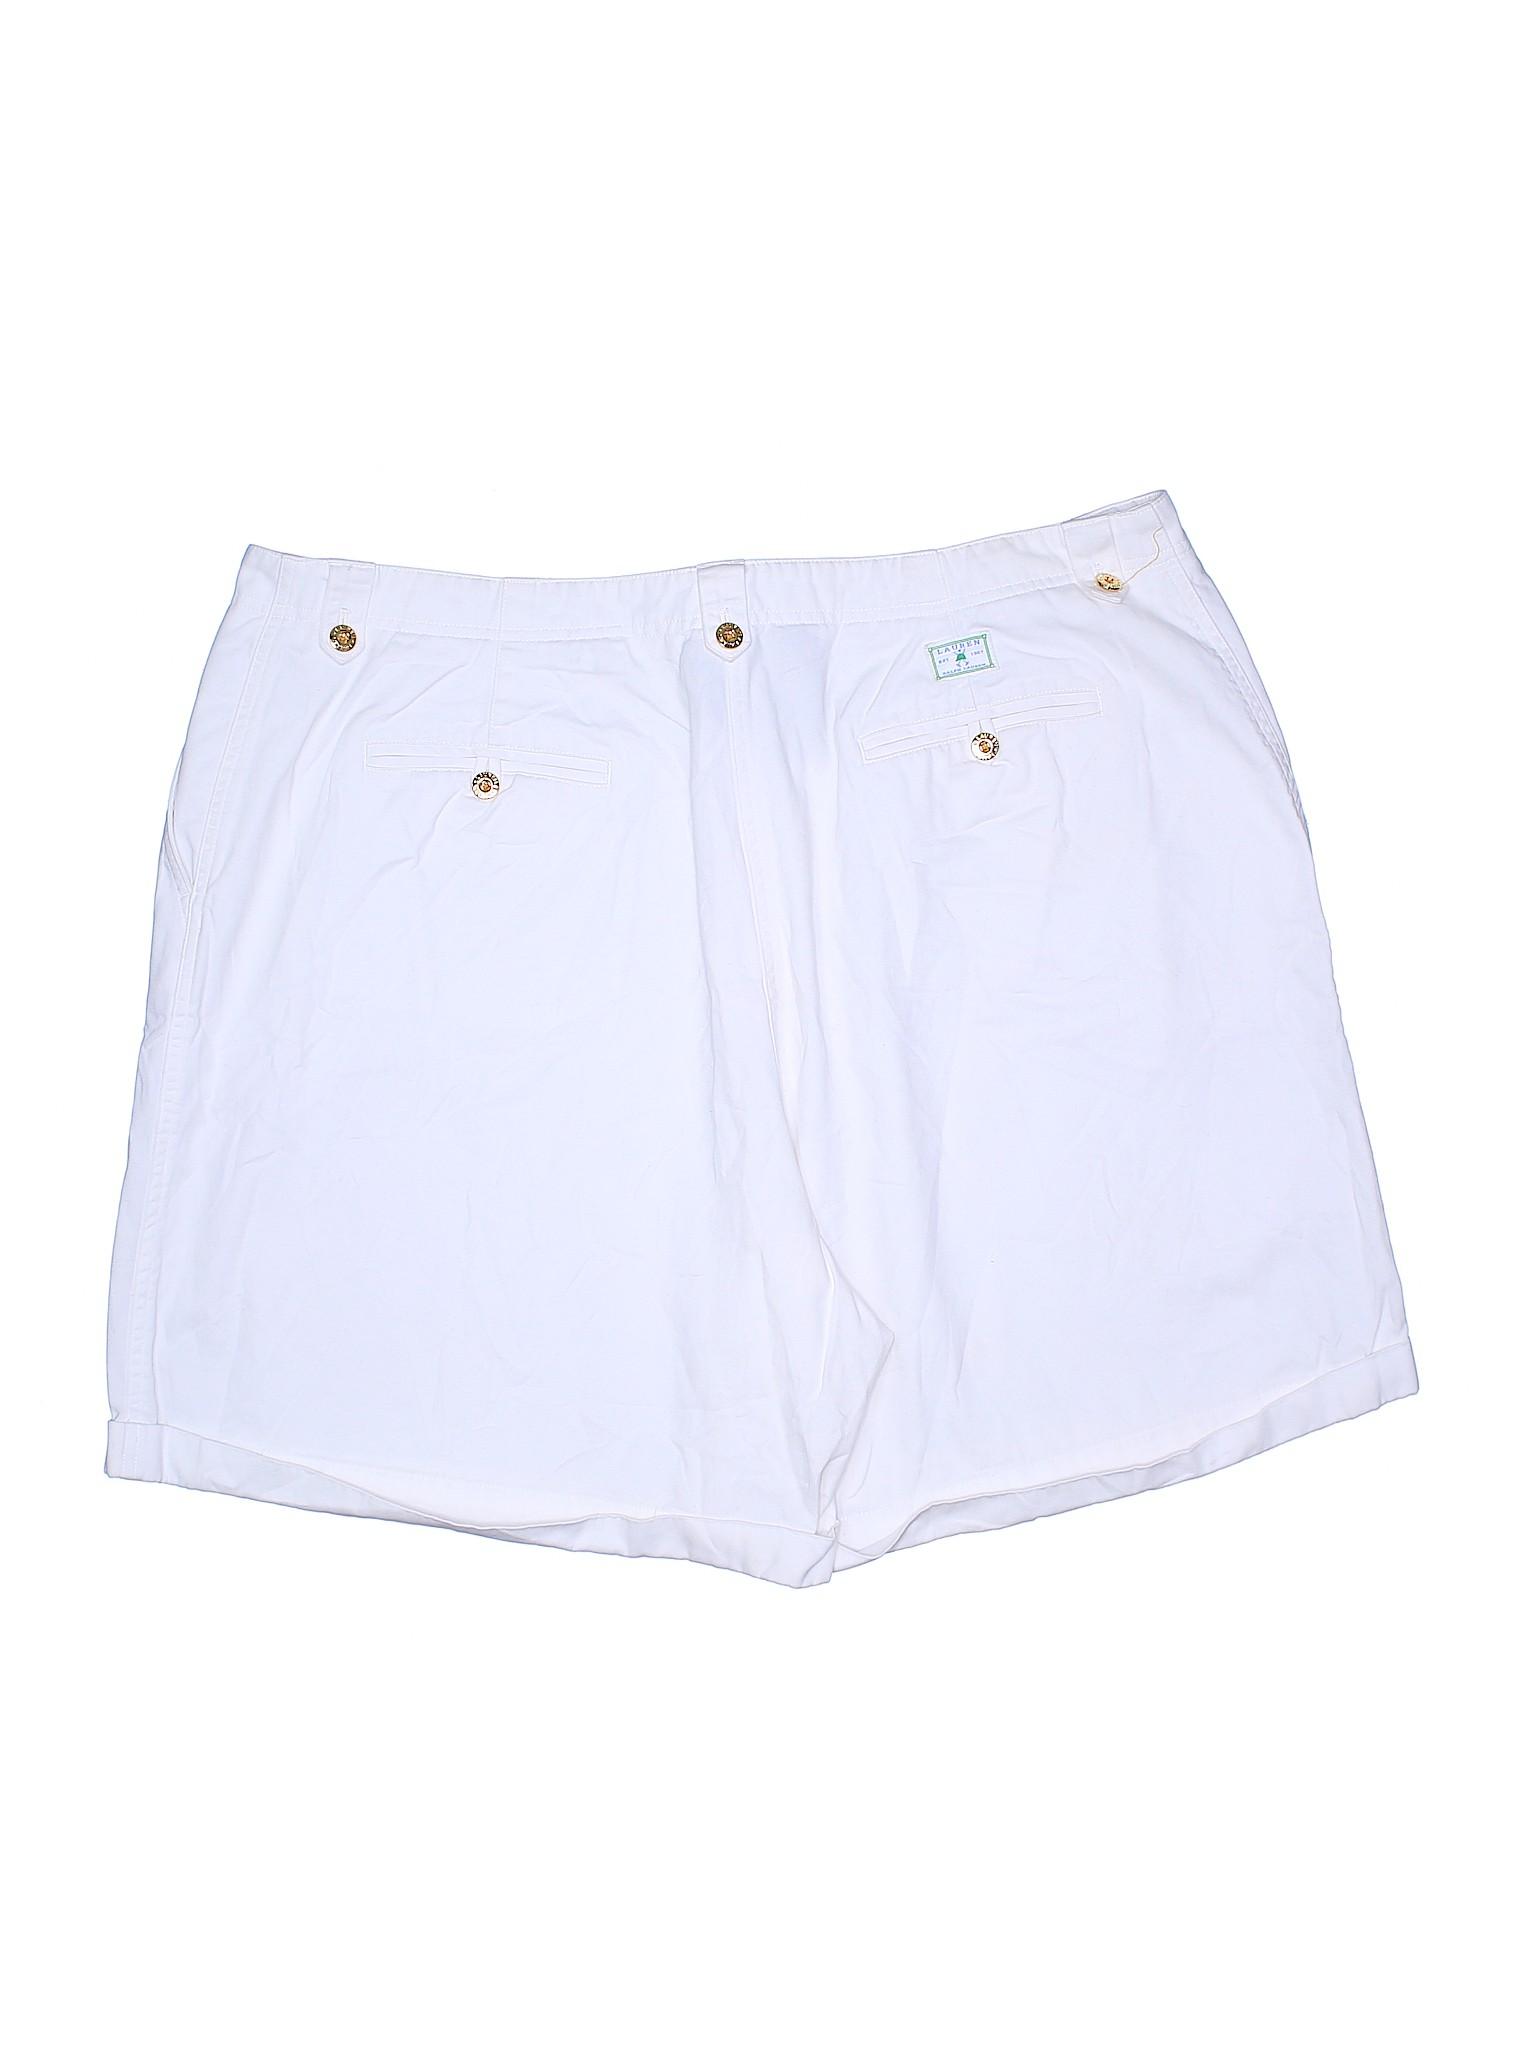 Ralph leisure Shorts by Khaki Boutique Lauren Lauren w7xYq1